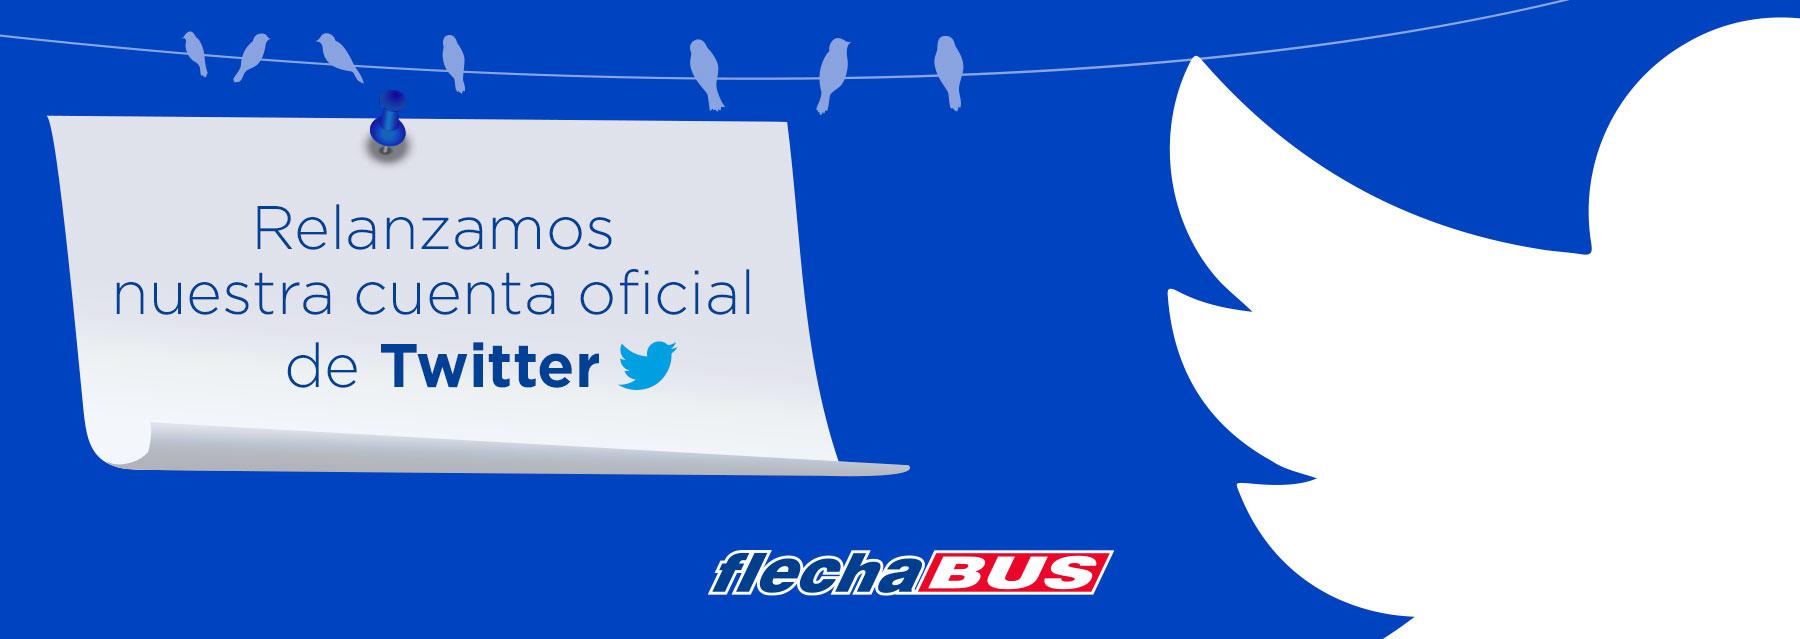 Relanzamos nuestra cuenta oficial de Twitter Flecha Bus